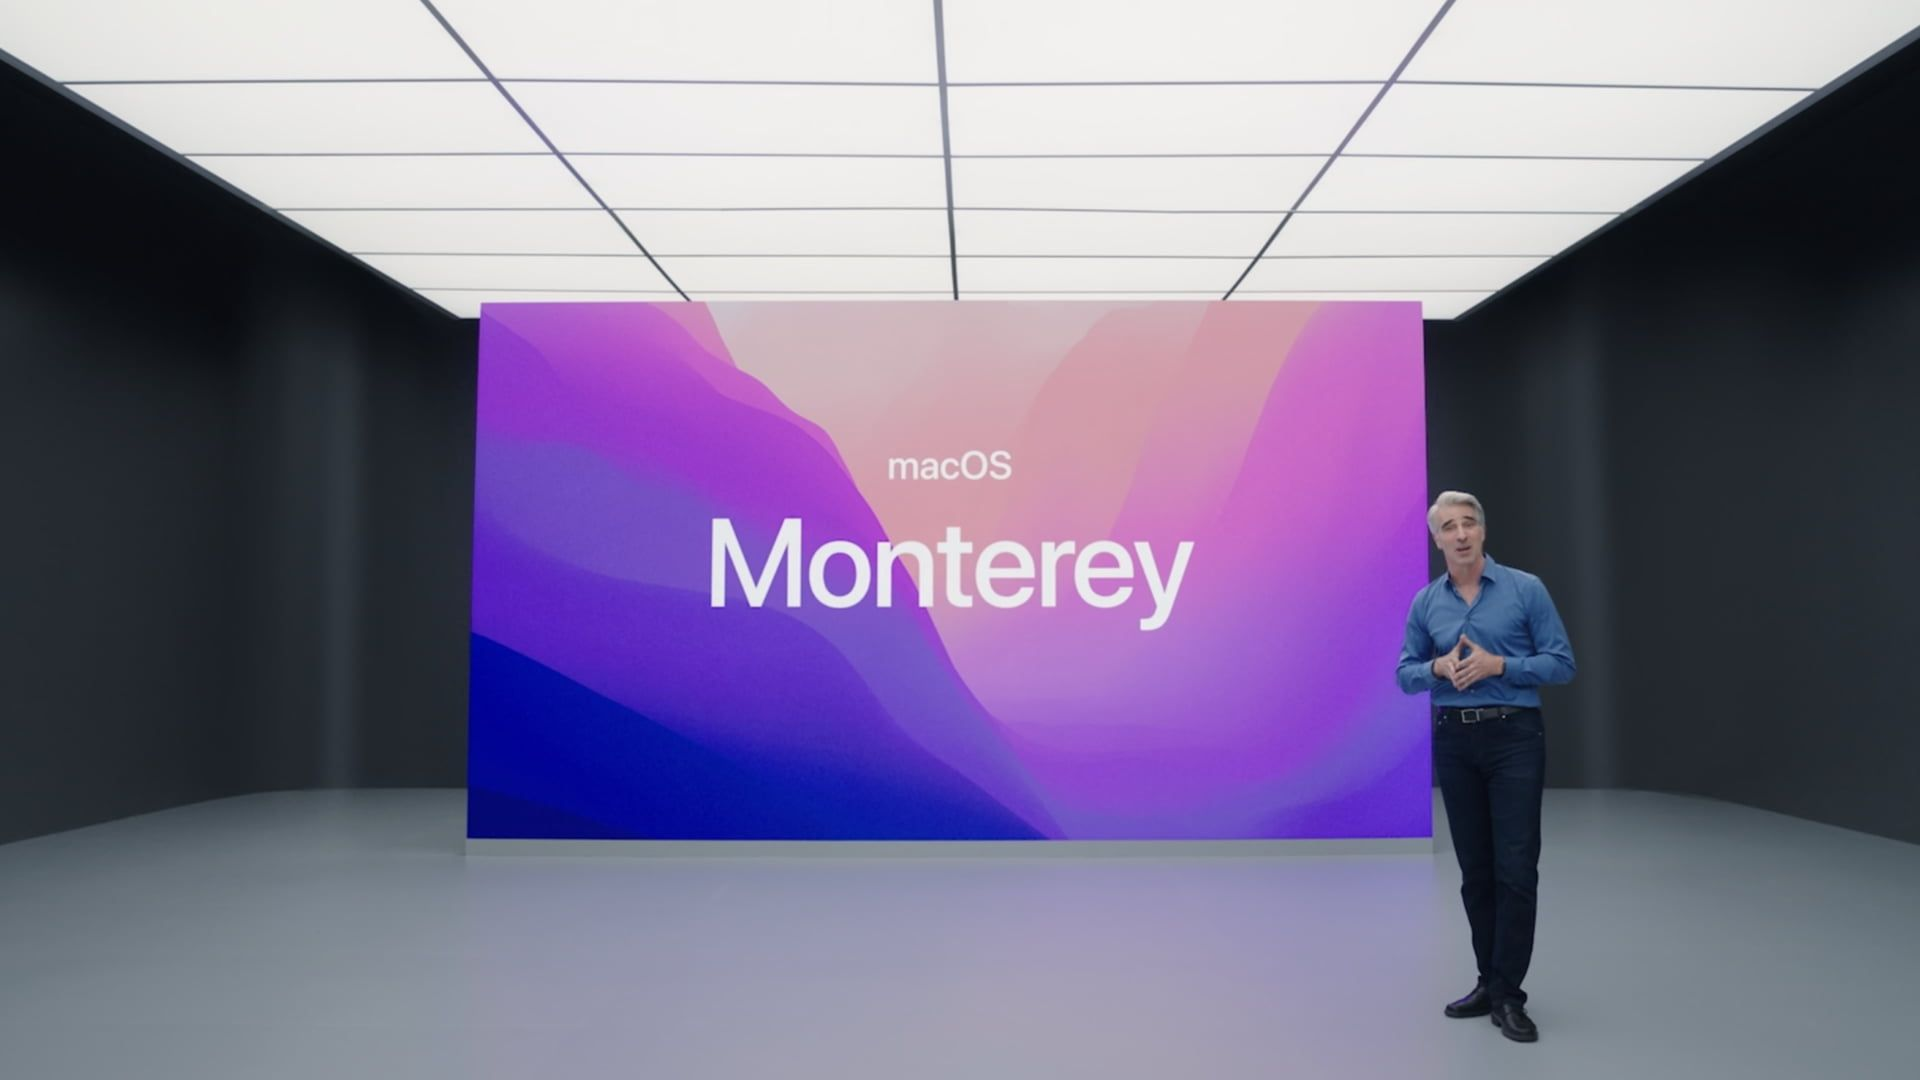 Wymazanie danych z dysku bez usuwania systemu w macOS Monterey